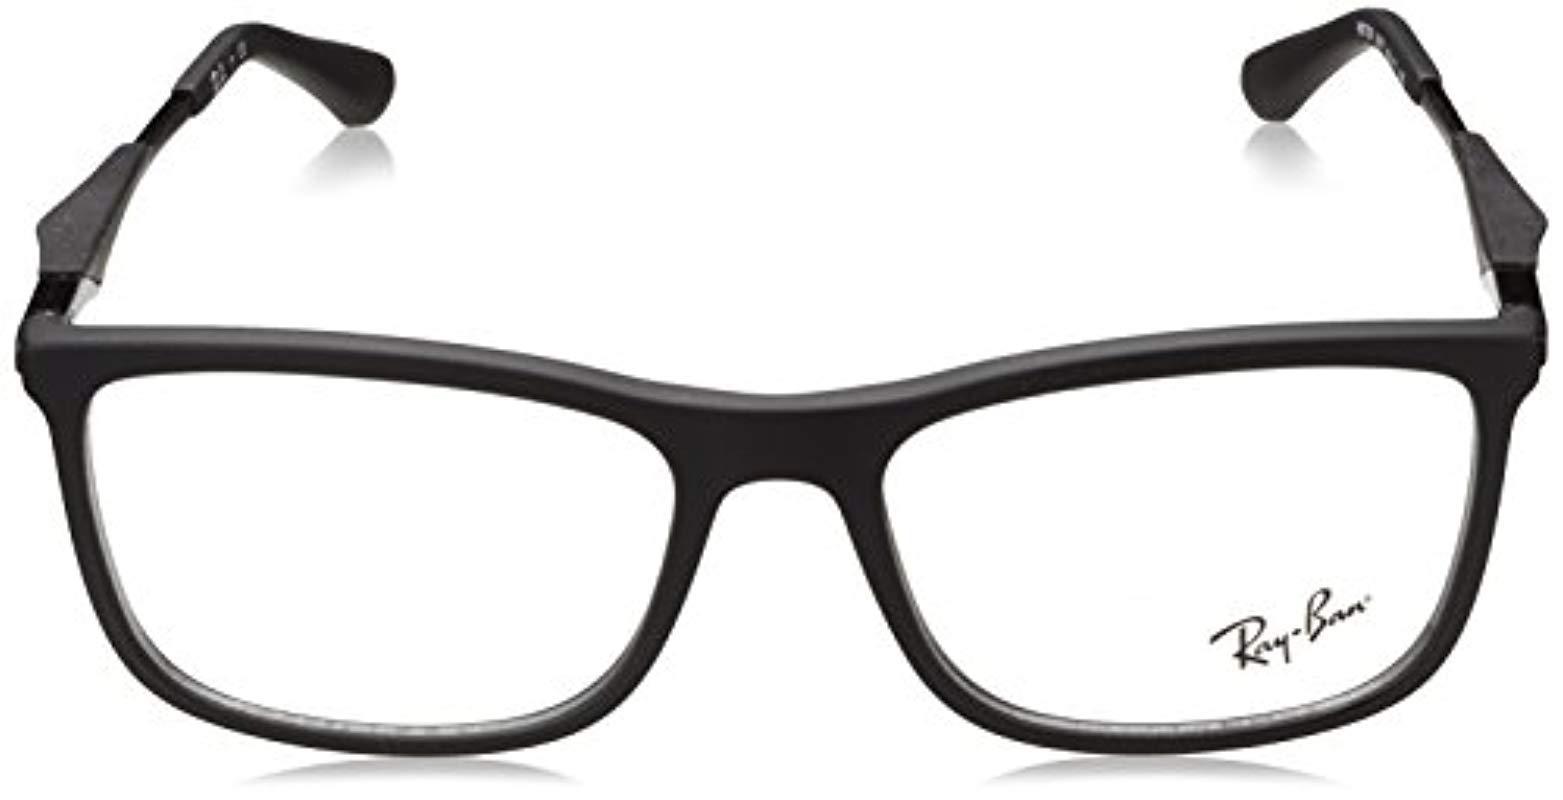 c1e681a15e1 Ray-Ban 0rx 7029 2077 55 Optical Frames